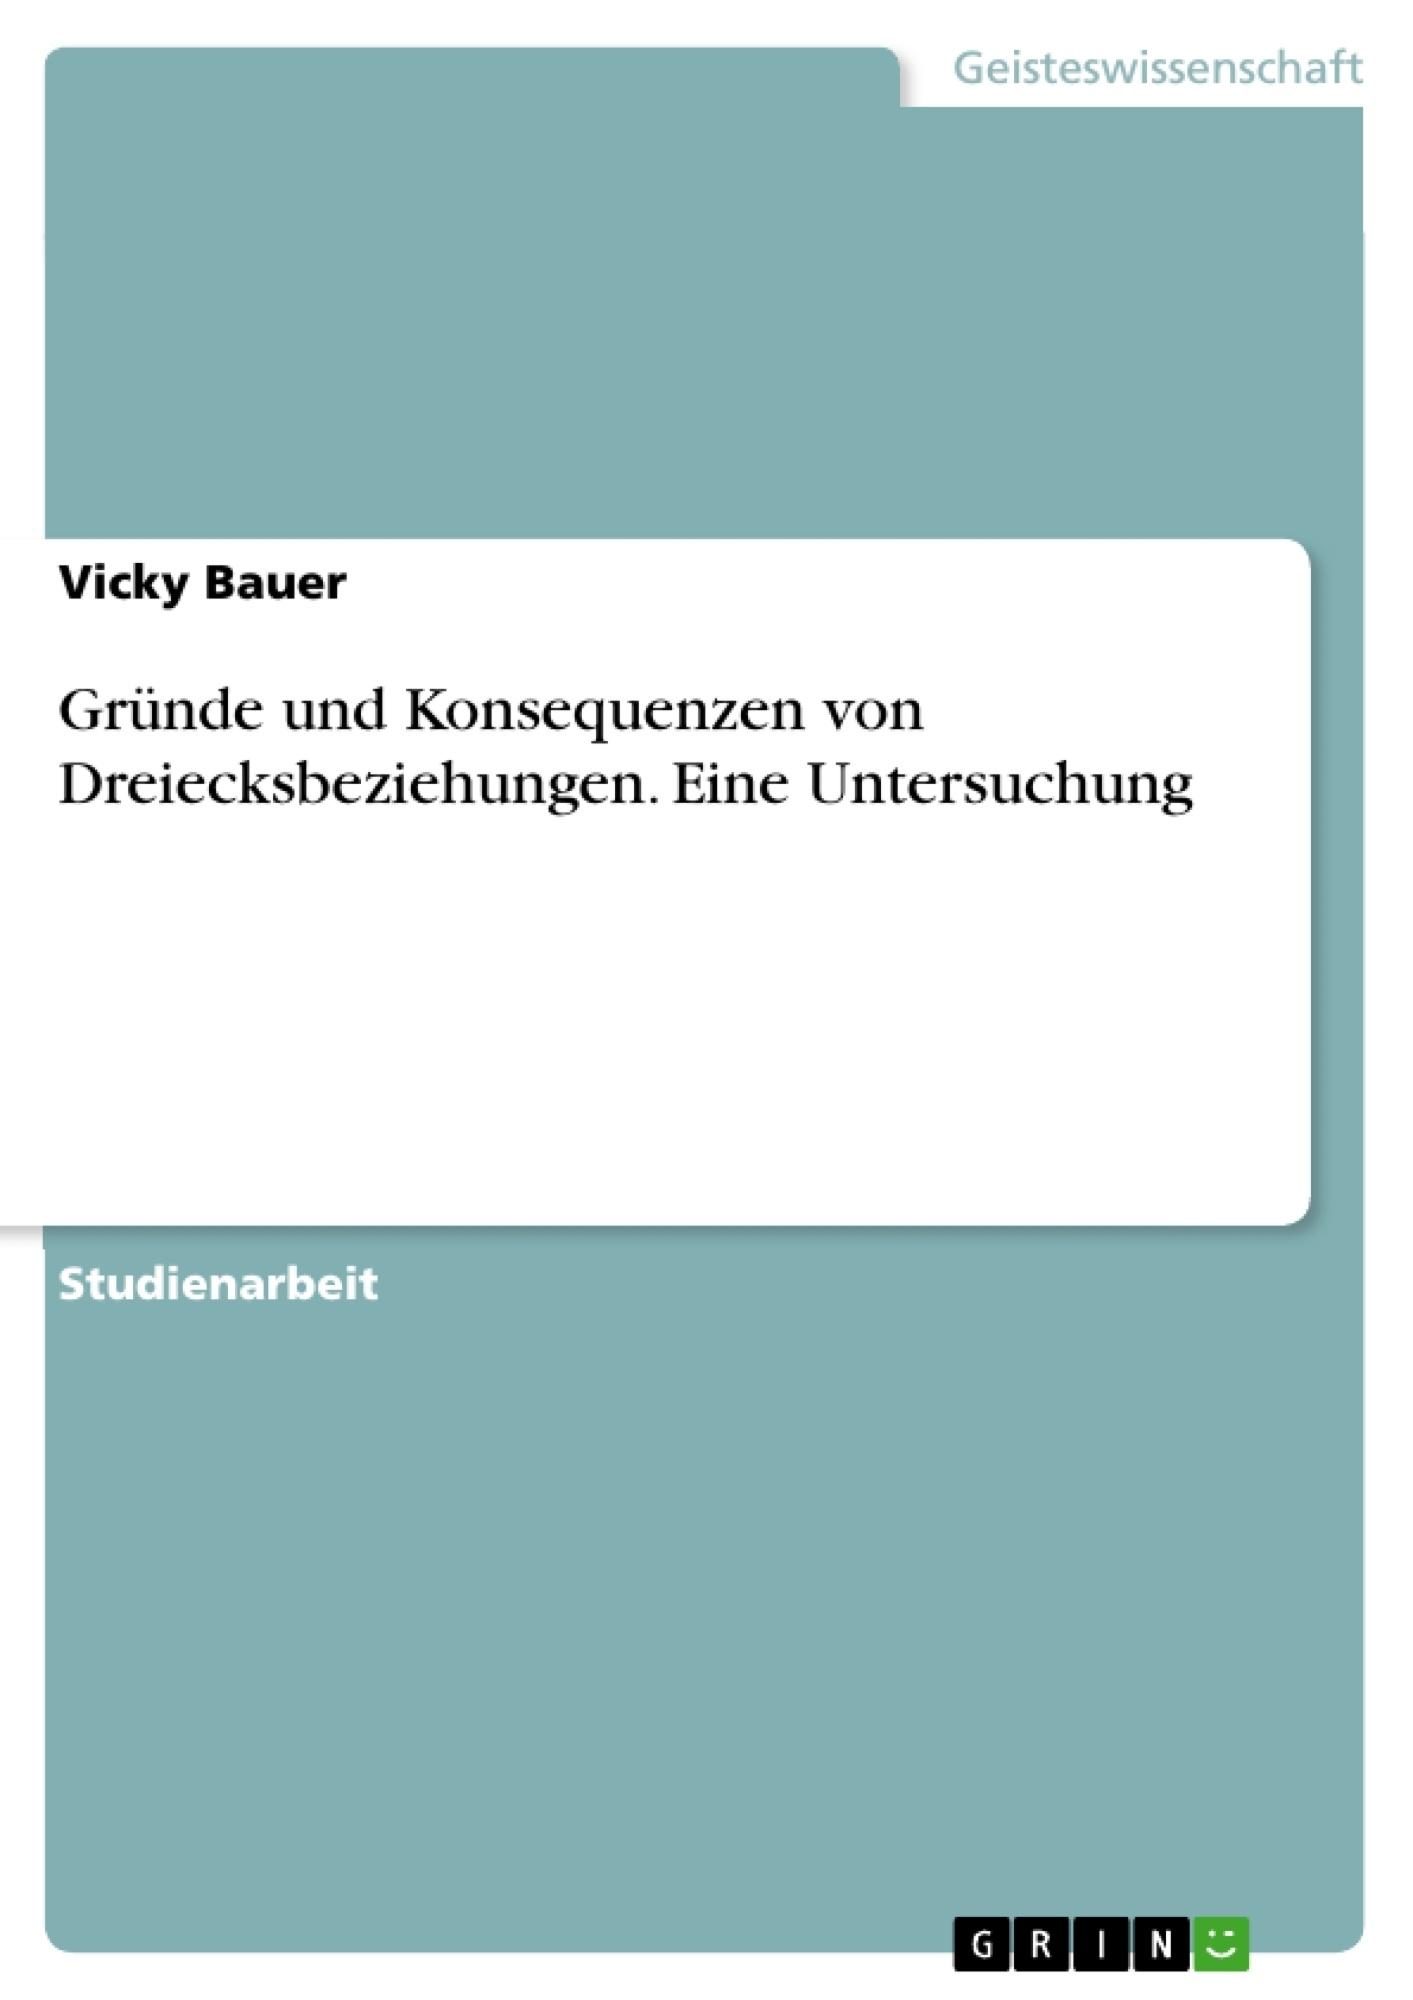 Titel: Gründe und Konsequenzen von Dreiecksbeziehungen. Eine Untersuchung